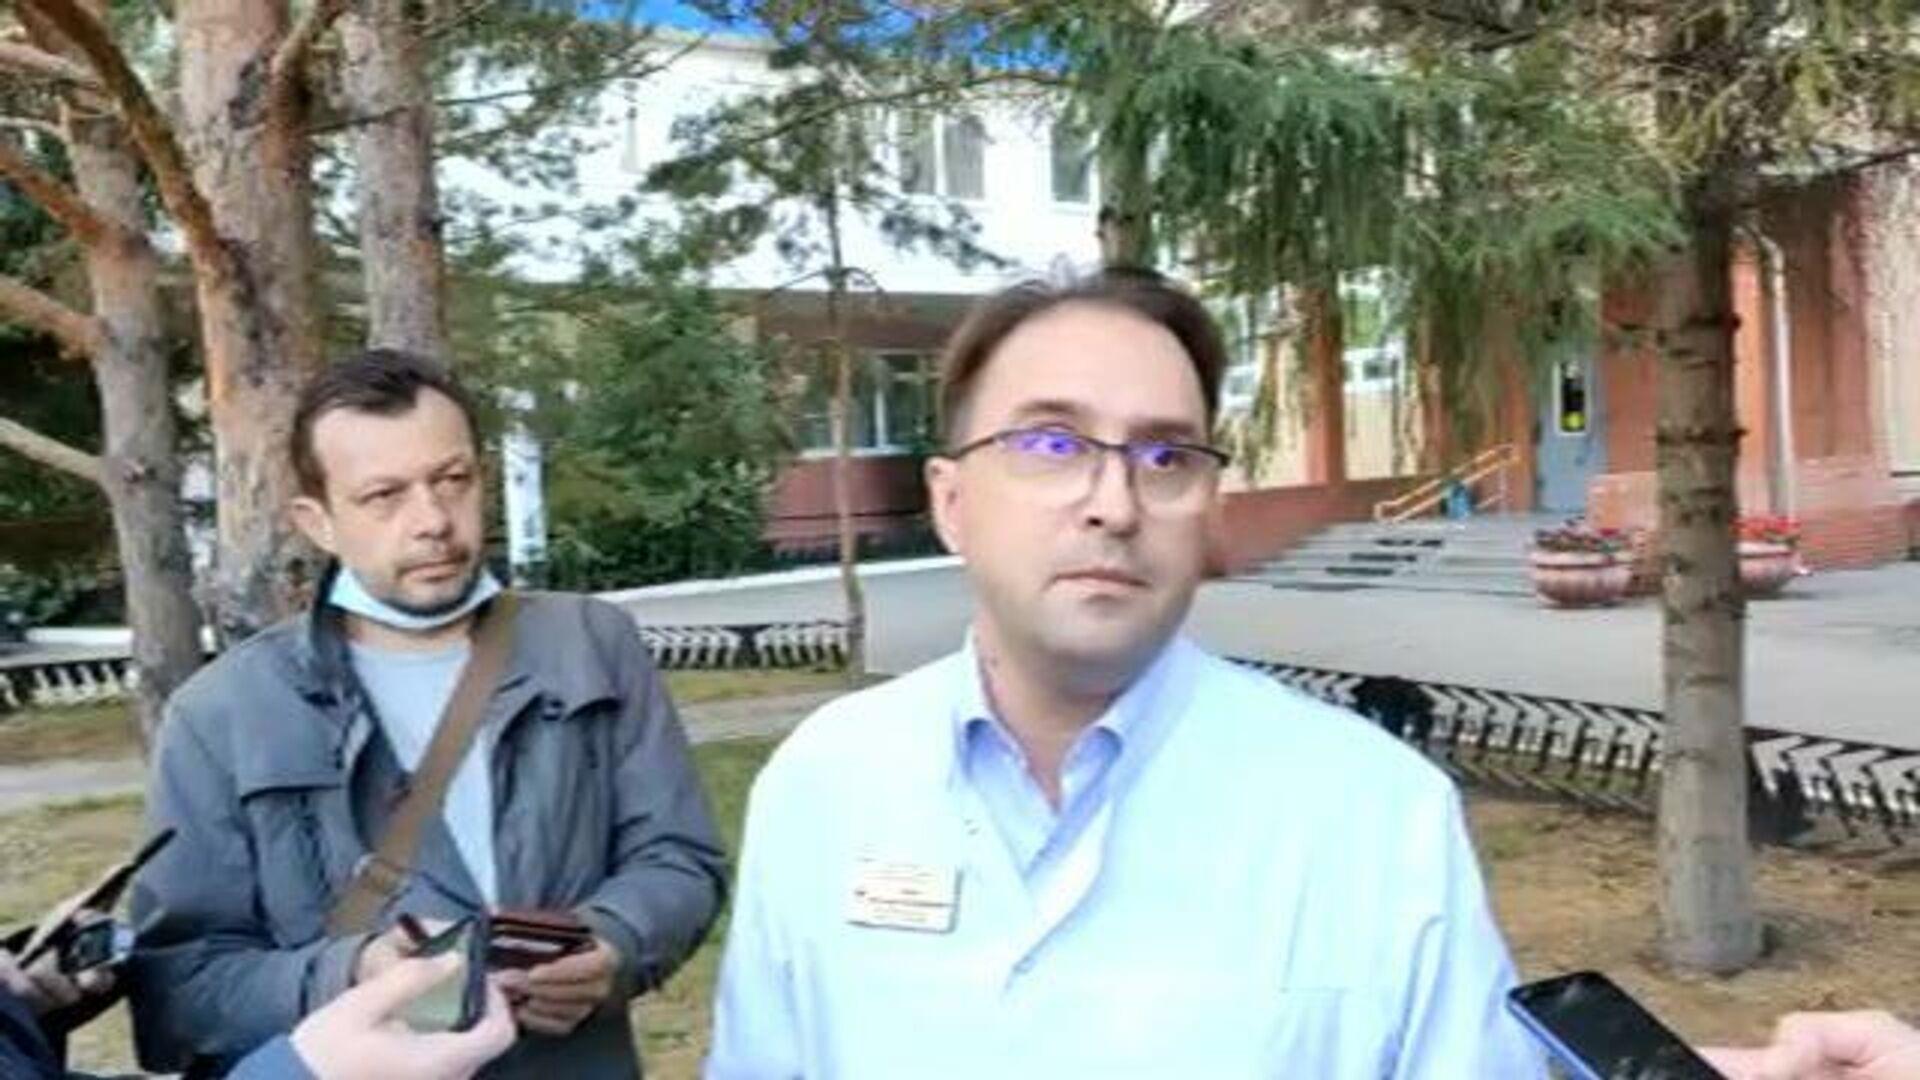 Не было отравления – главный токсиколог Омской области о причине состояния Навального - РИА Новости, 1920, 08.09.2020